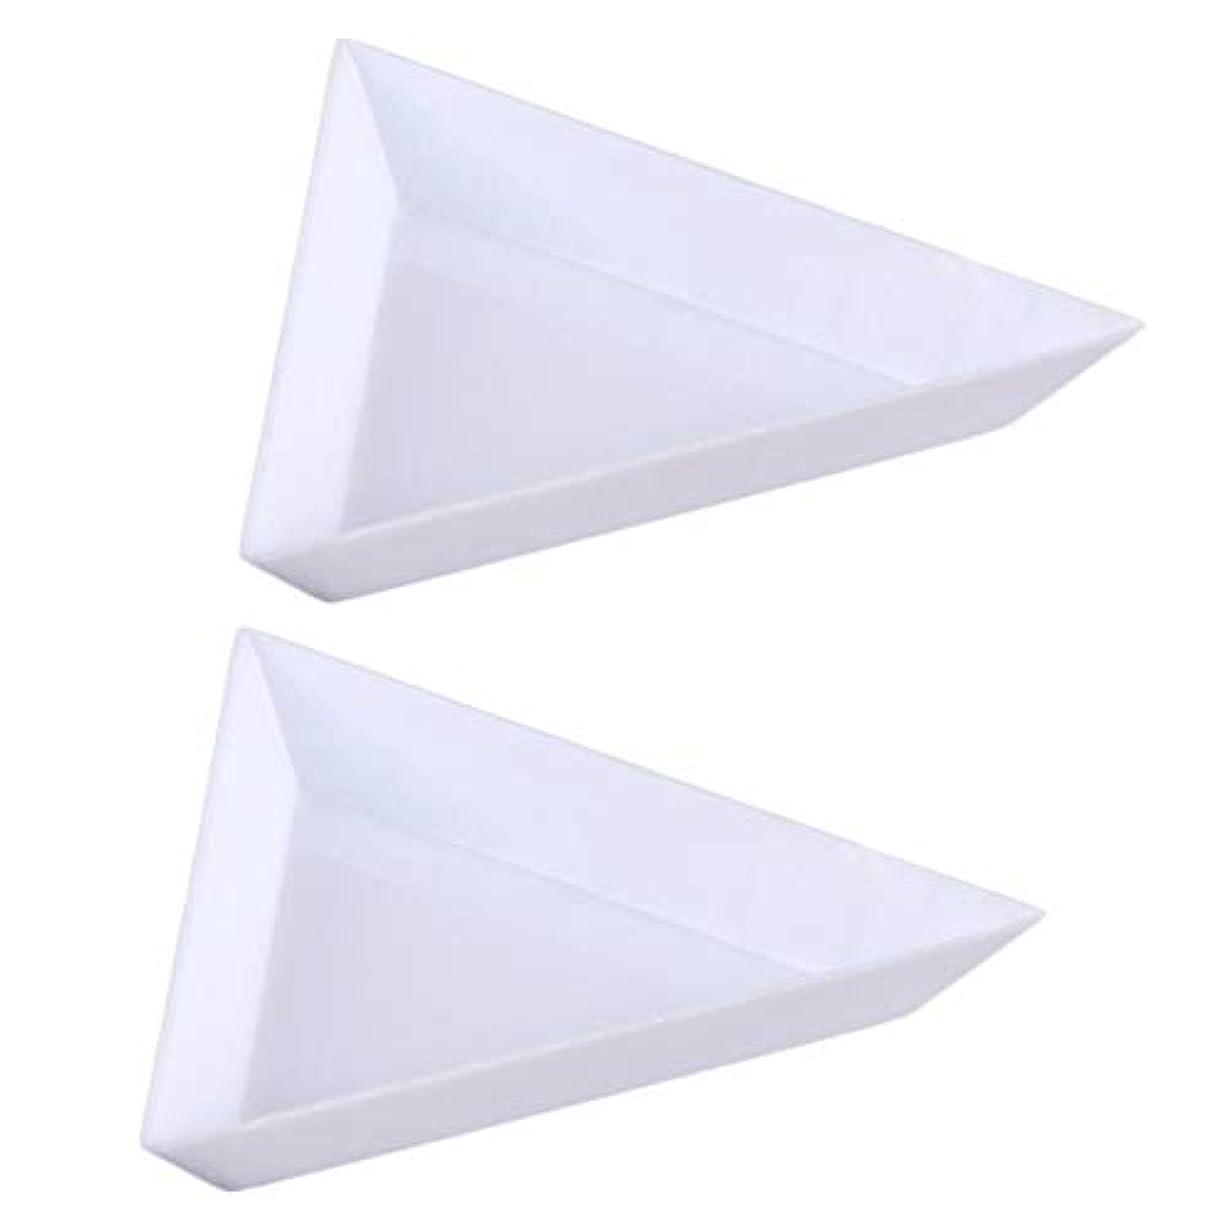 冷凍庫神経衰弱音楽TOOGOO 10個三角コーナープラスチックラインストーンビーズ 結晶 ネイルアートソーティングトレイアクセサリー白 DiyネイルアートデコレーションDotting収納トレイ オーガニゼーションに最適